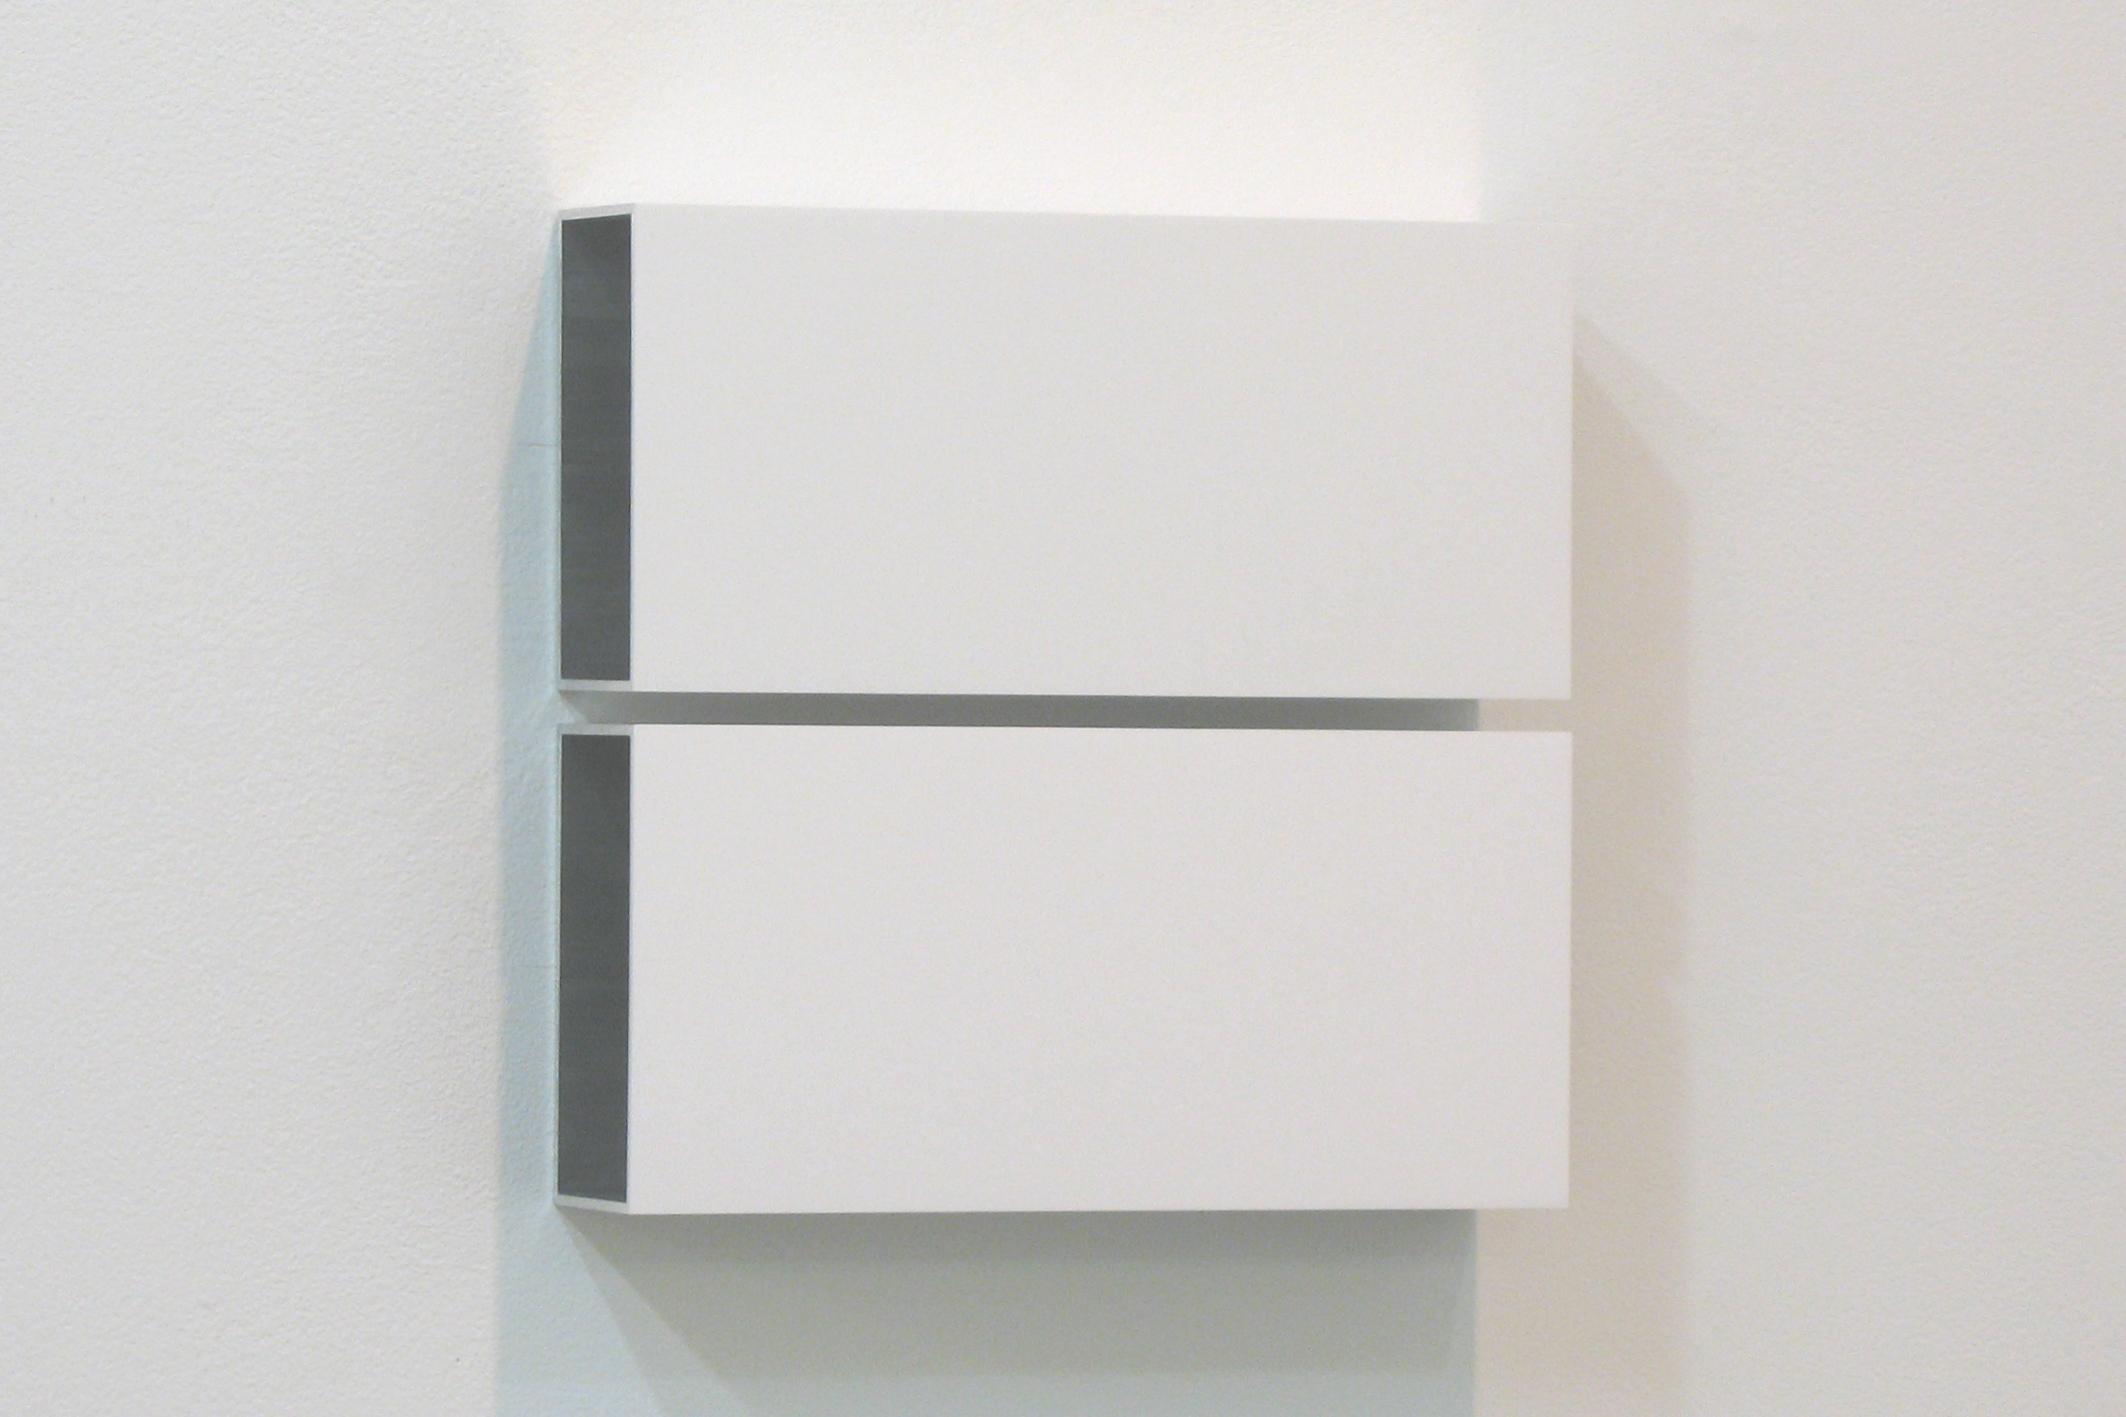 越野 潤|JUN KOSHINO<br>Two Colors 4|Aluminum, casein, pigment|25 x 25 x 6 cm|2011